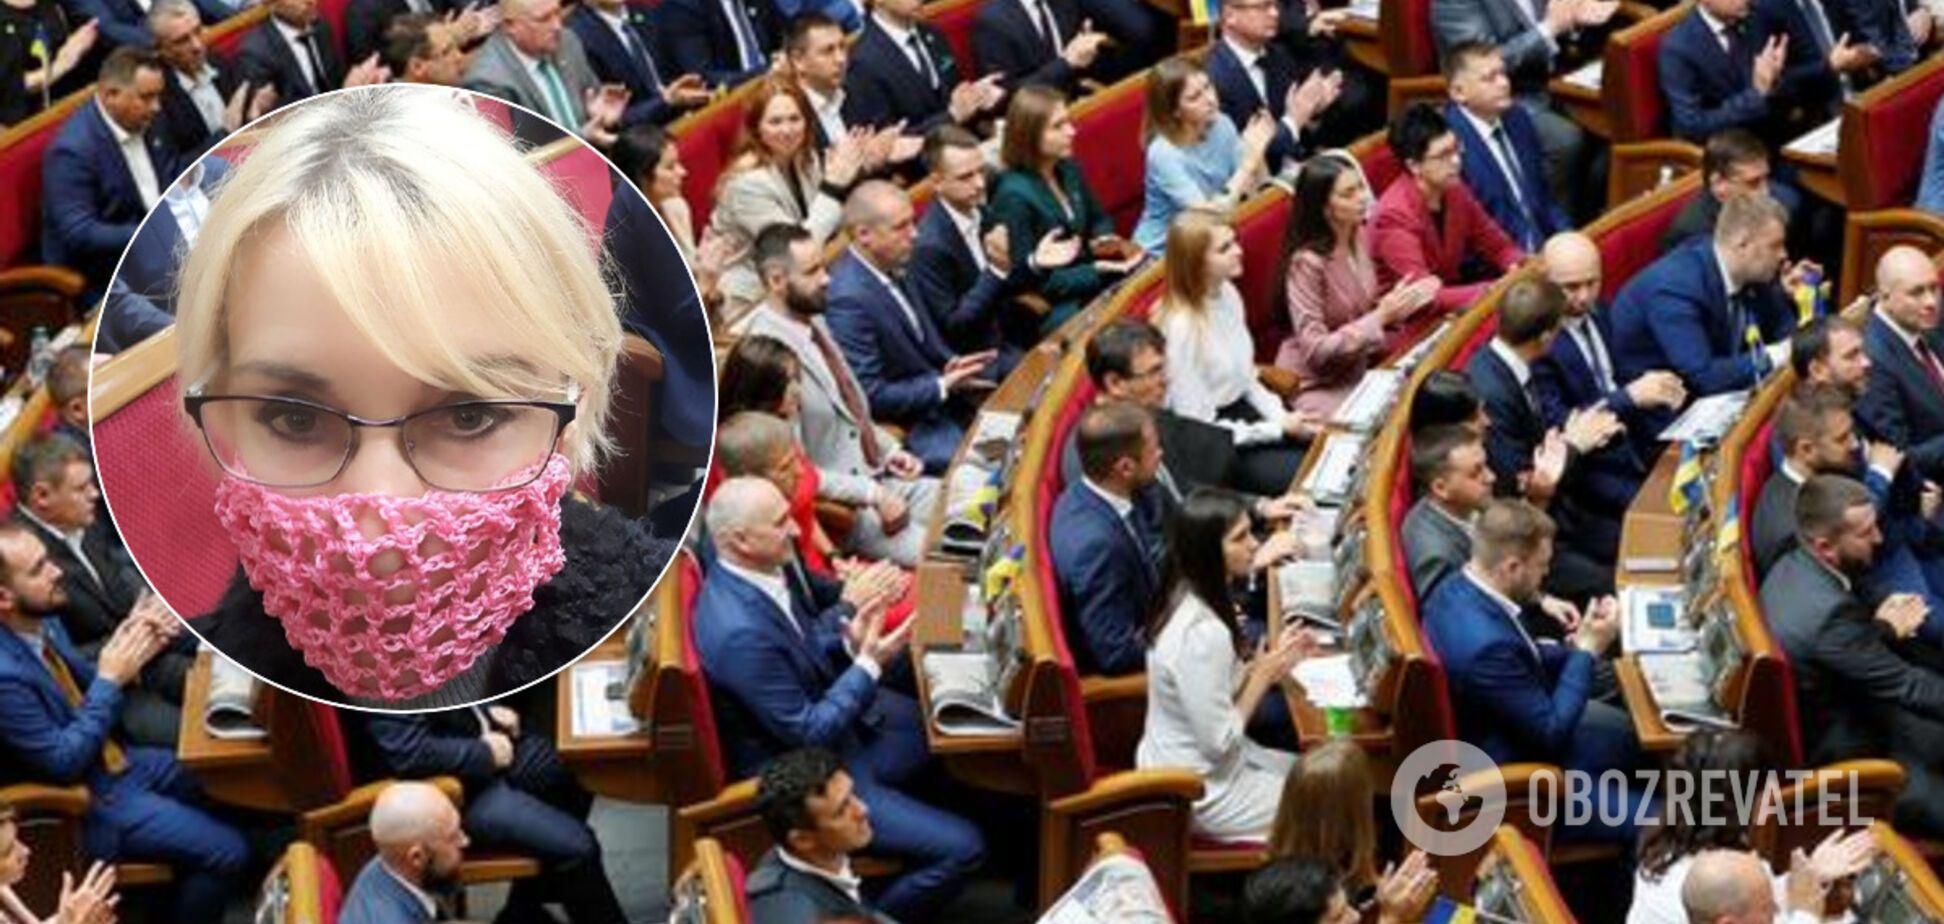 Богуцкая похвасталась необычной маской в Раде: 'авоська' насмешила сеть